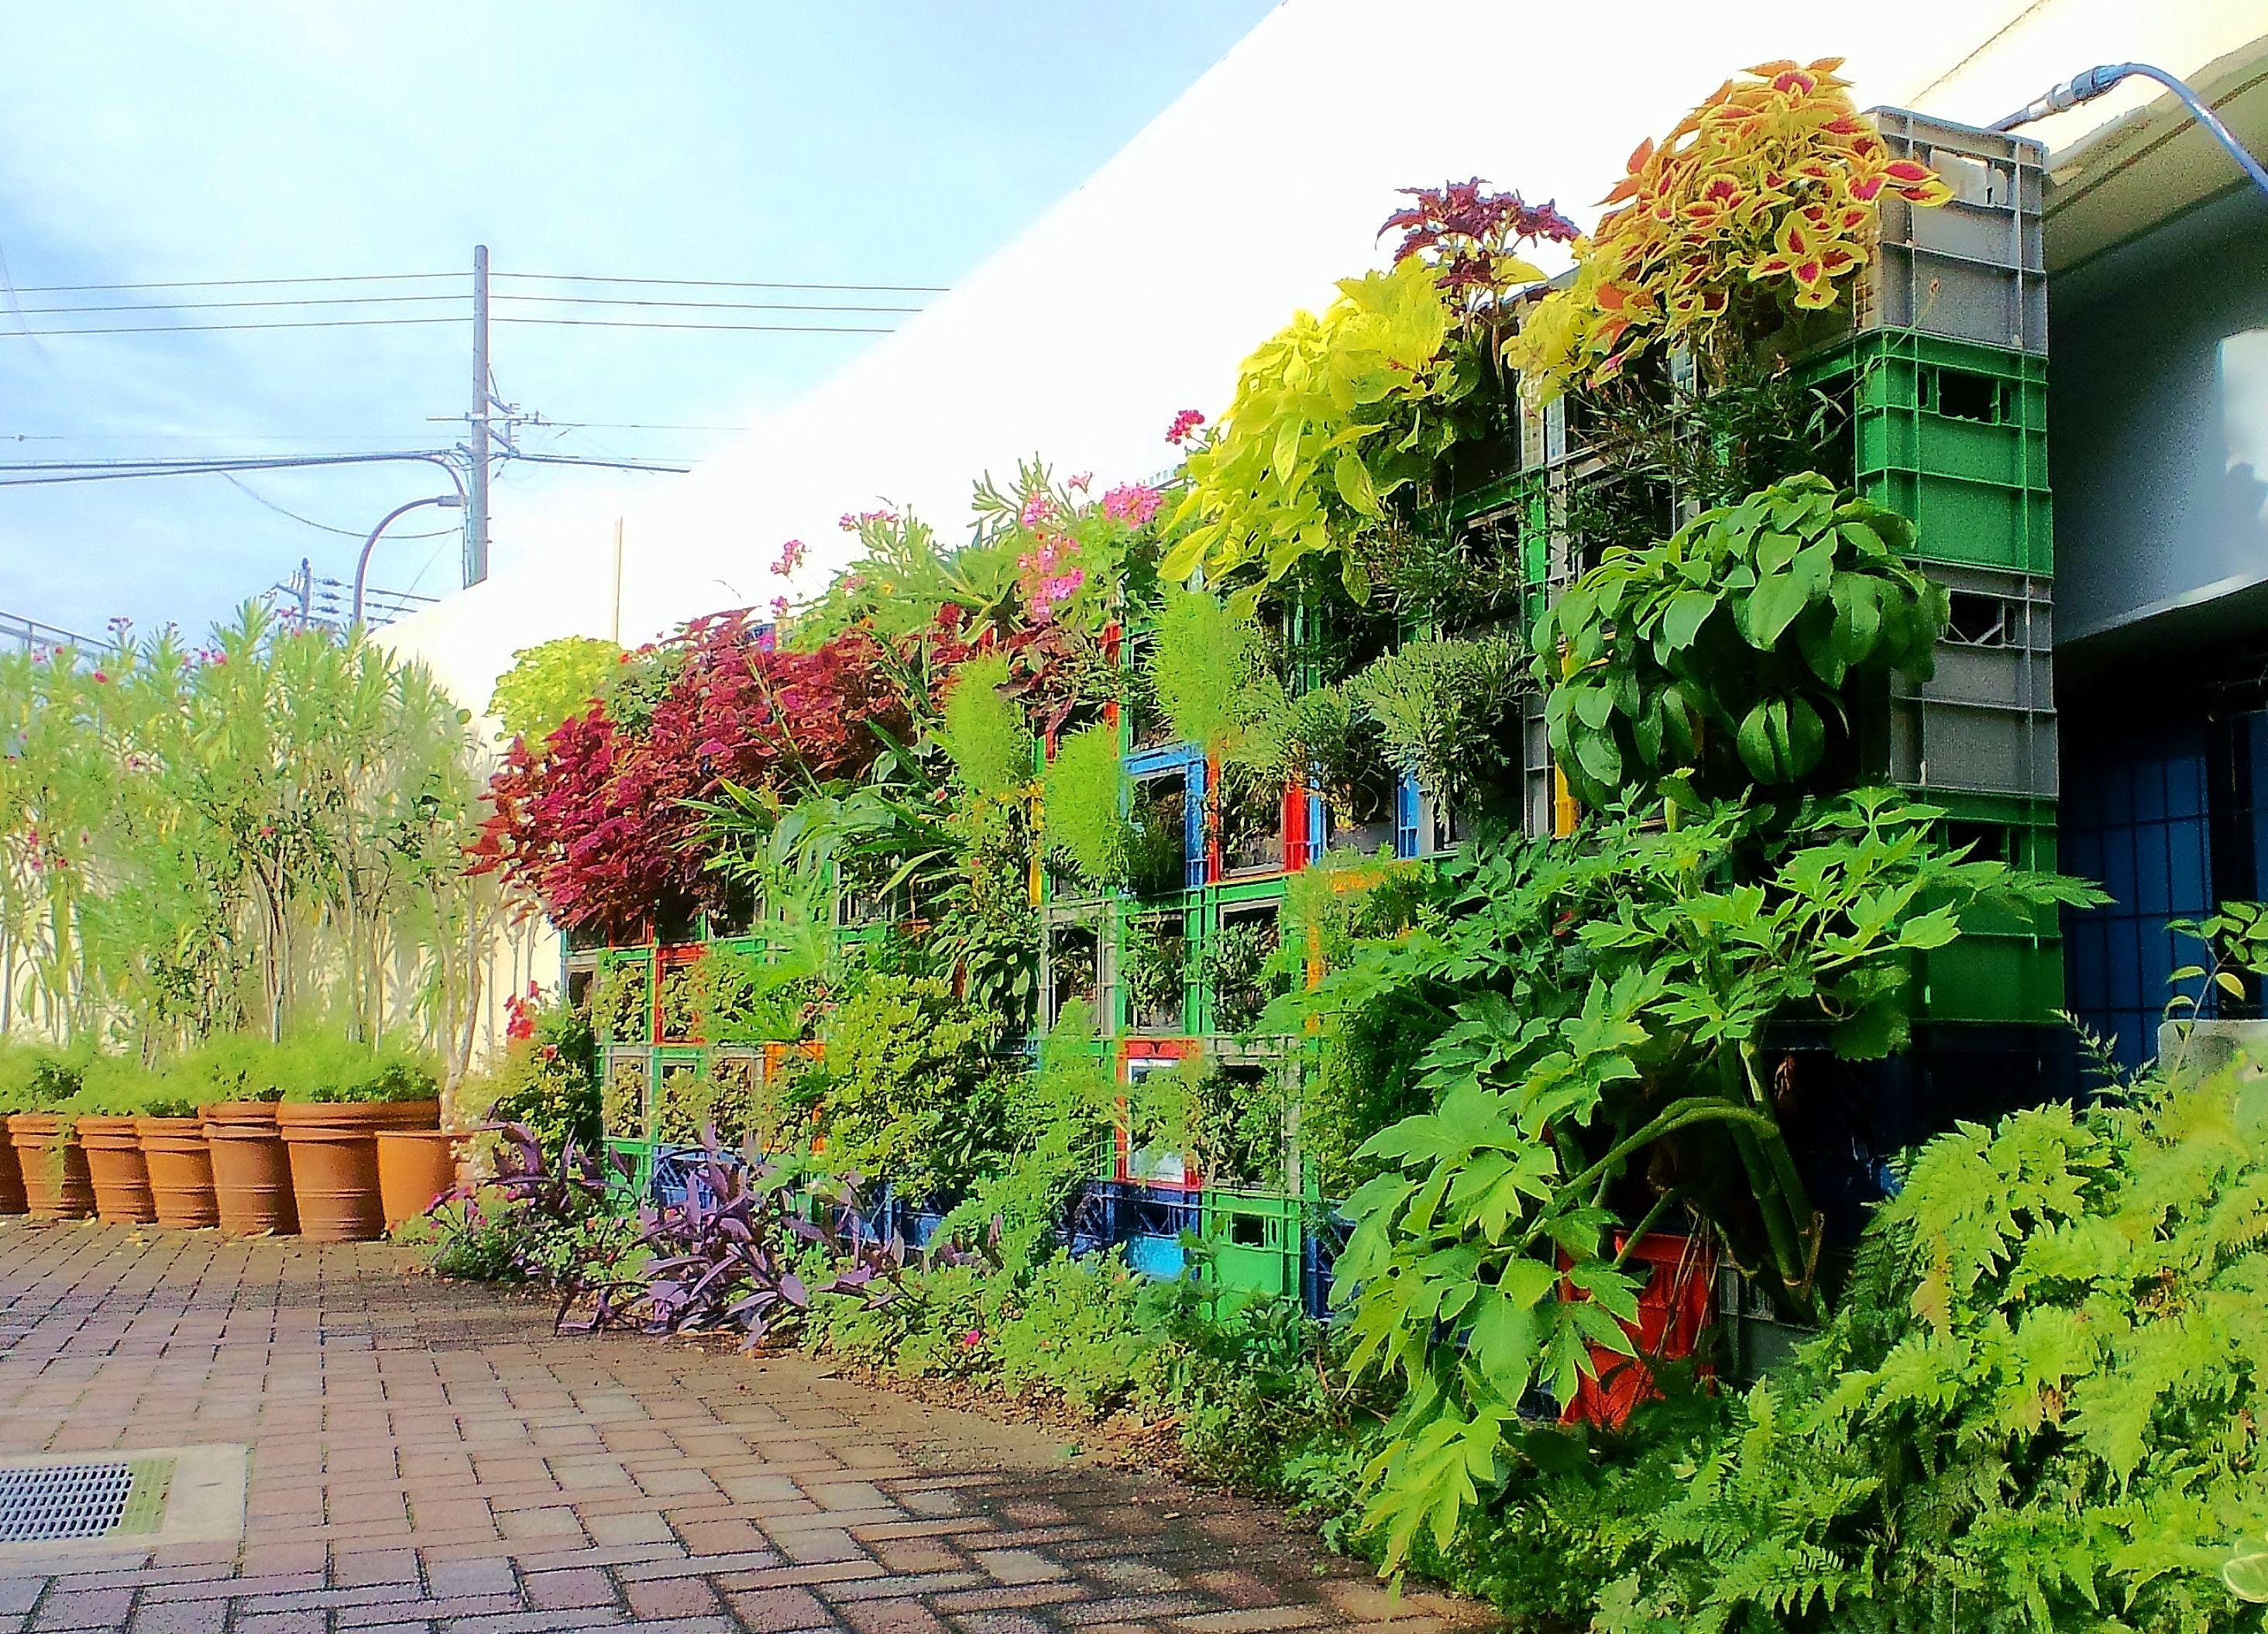 ■ Milk crate Vertical garden